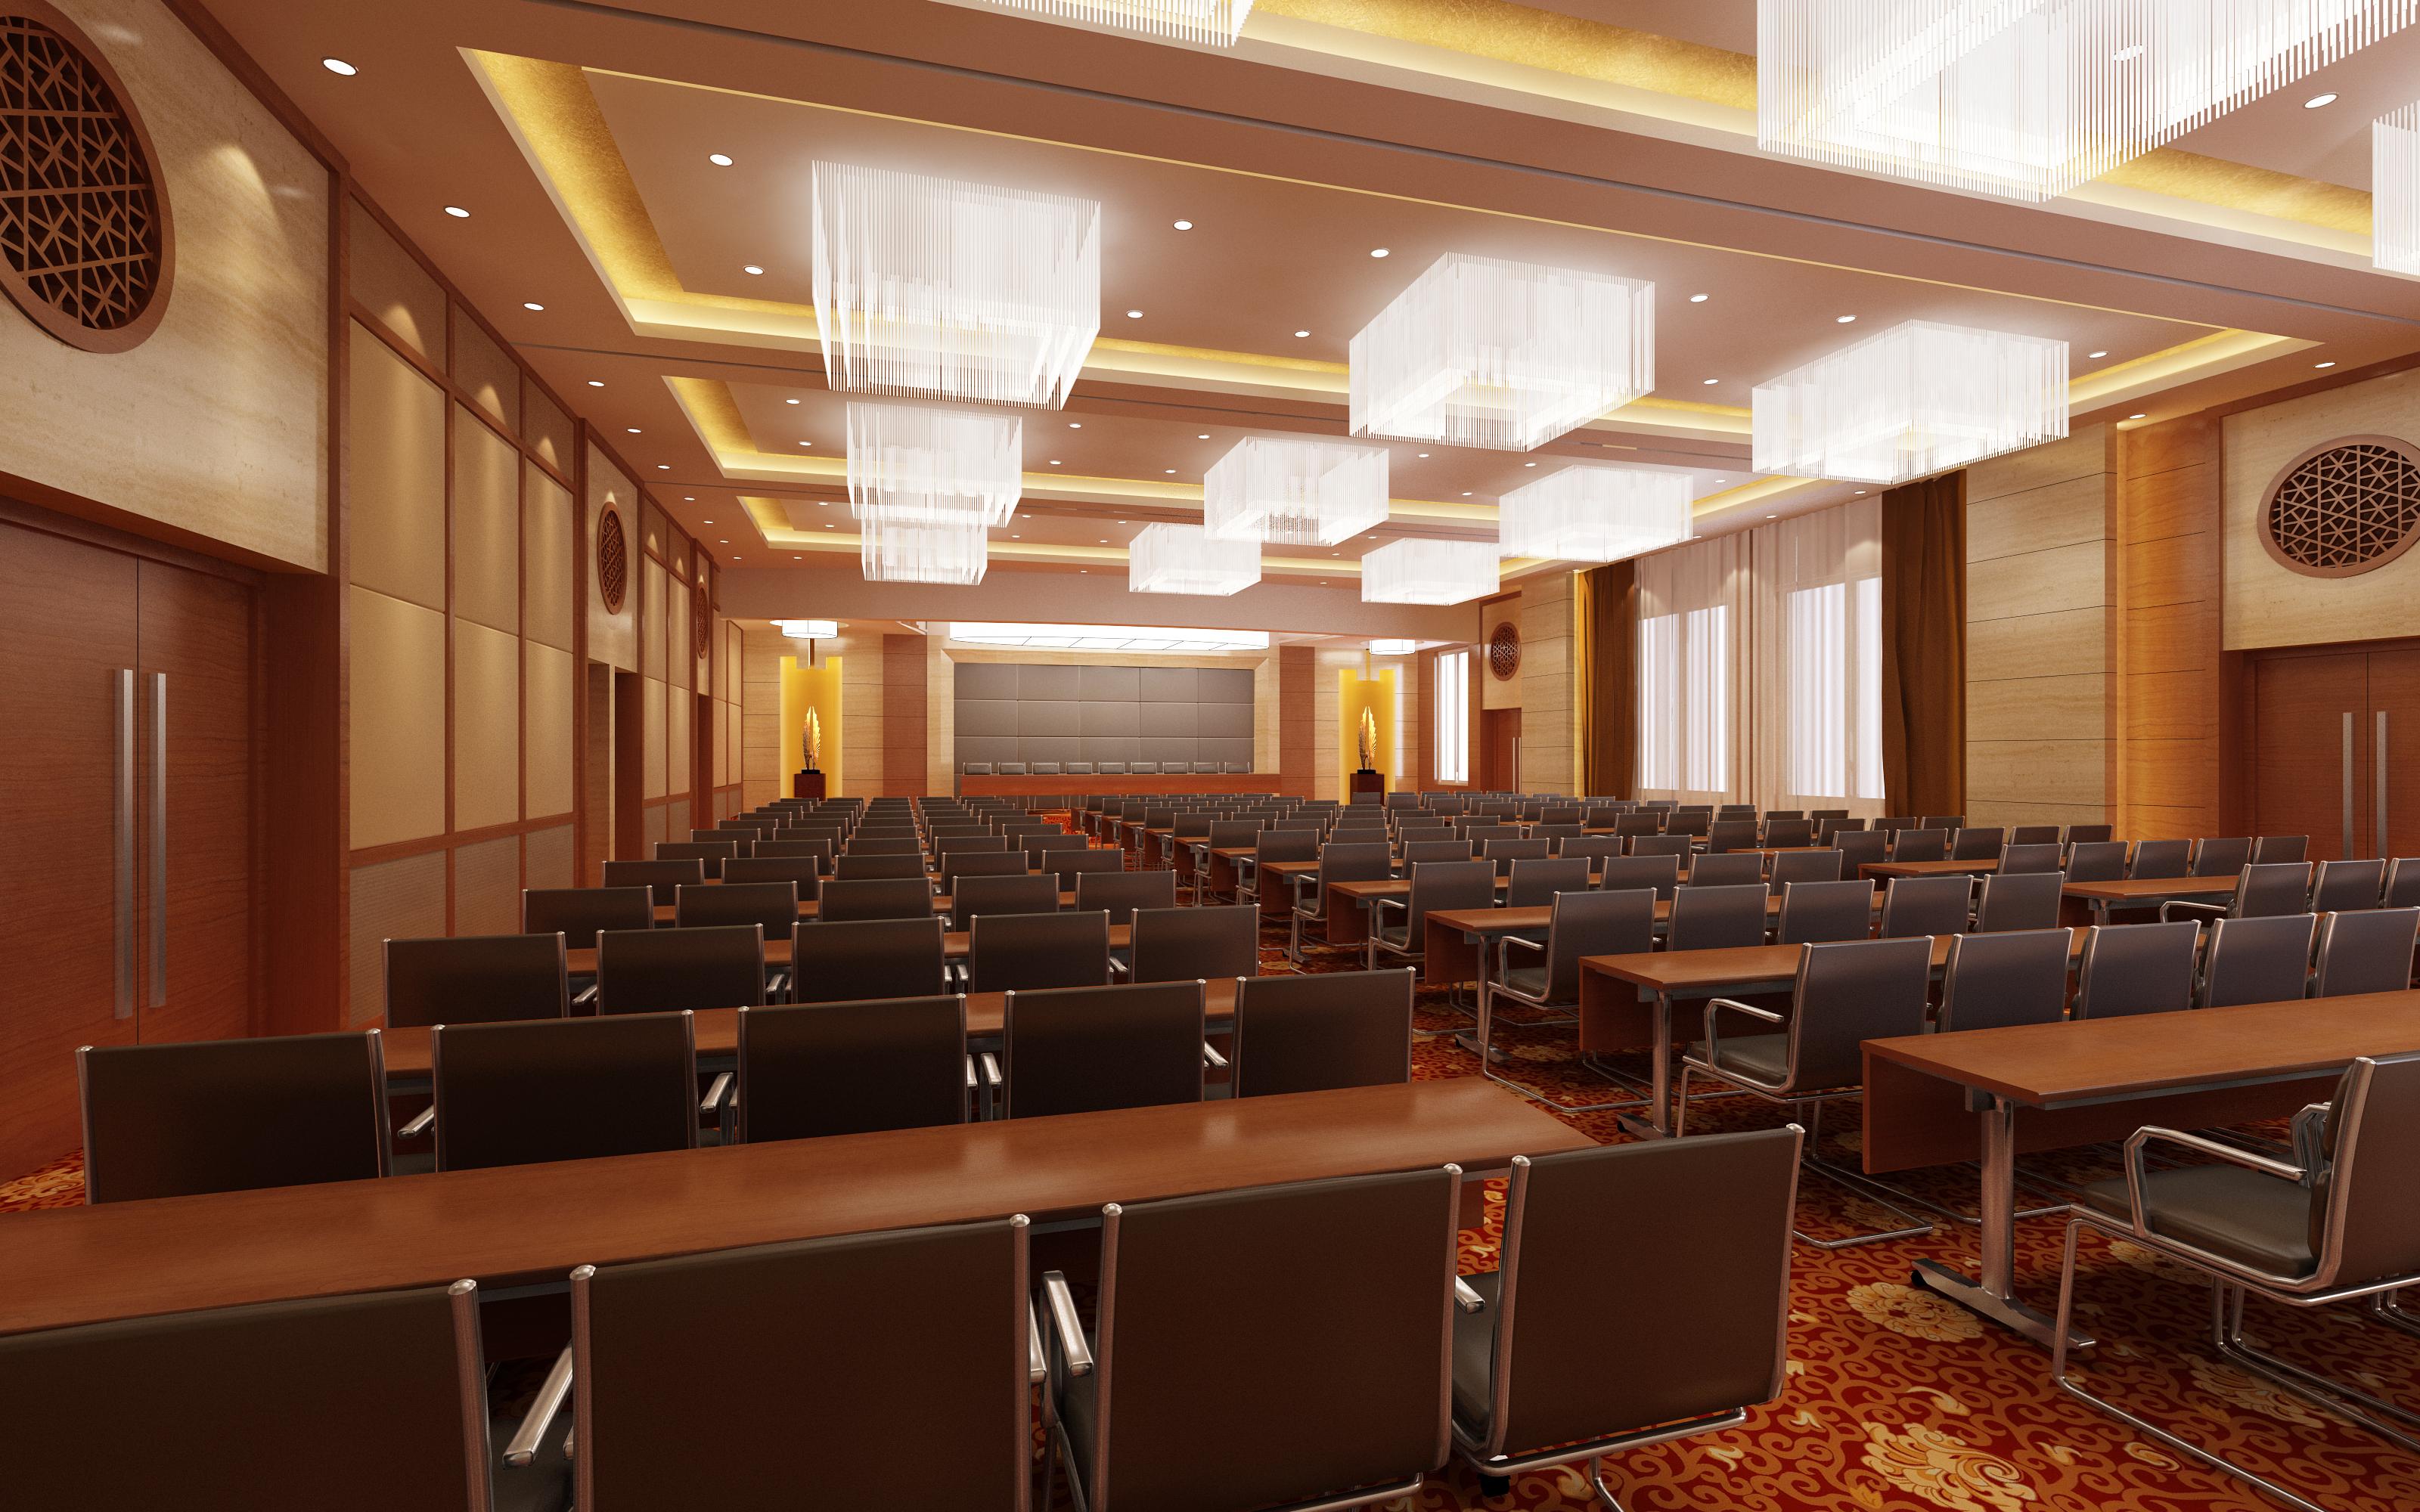 auditorijas istaba 010-2 3d modelis max 125229